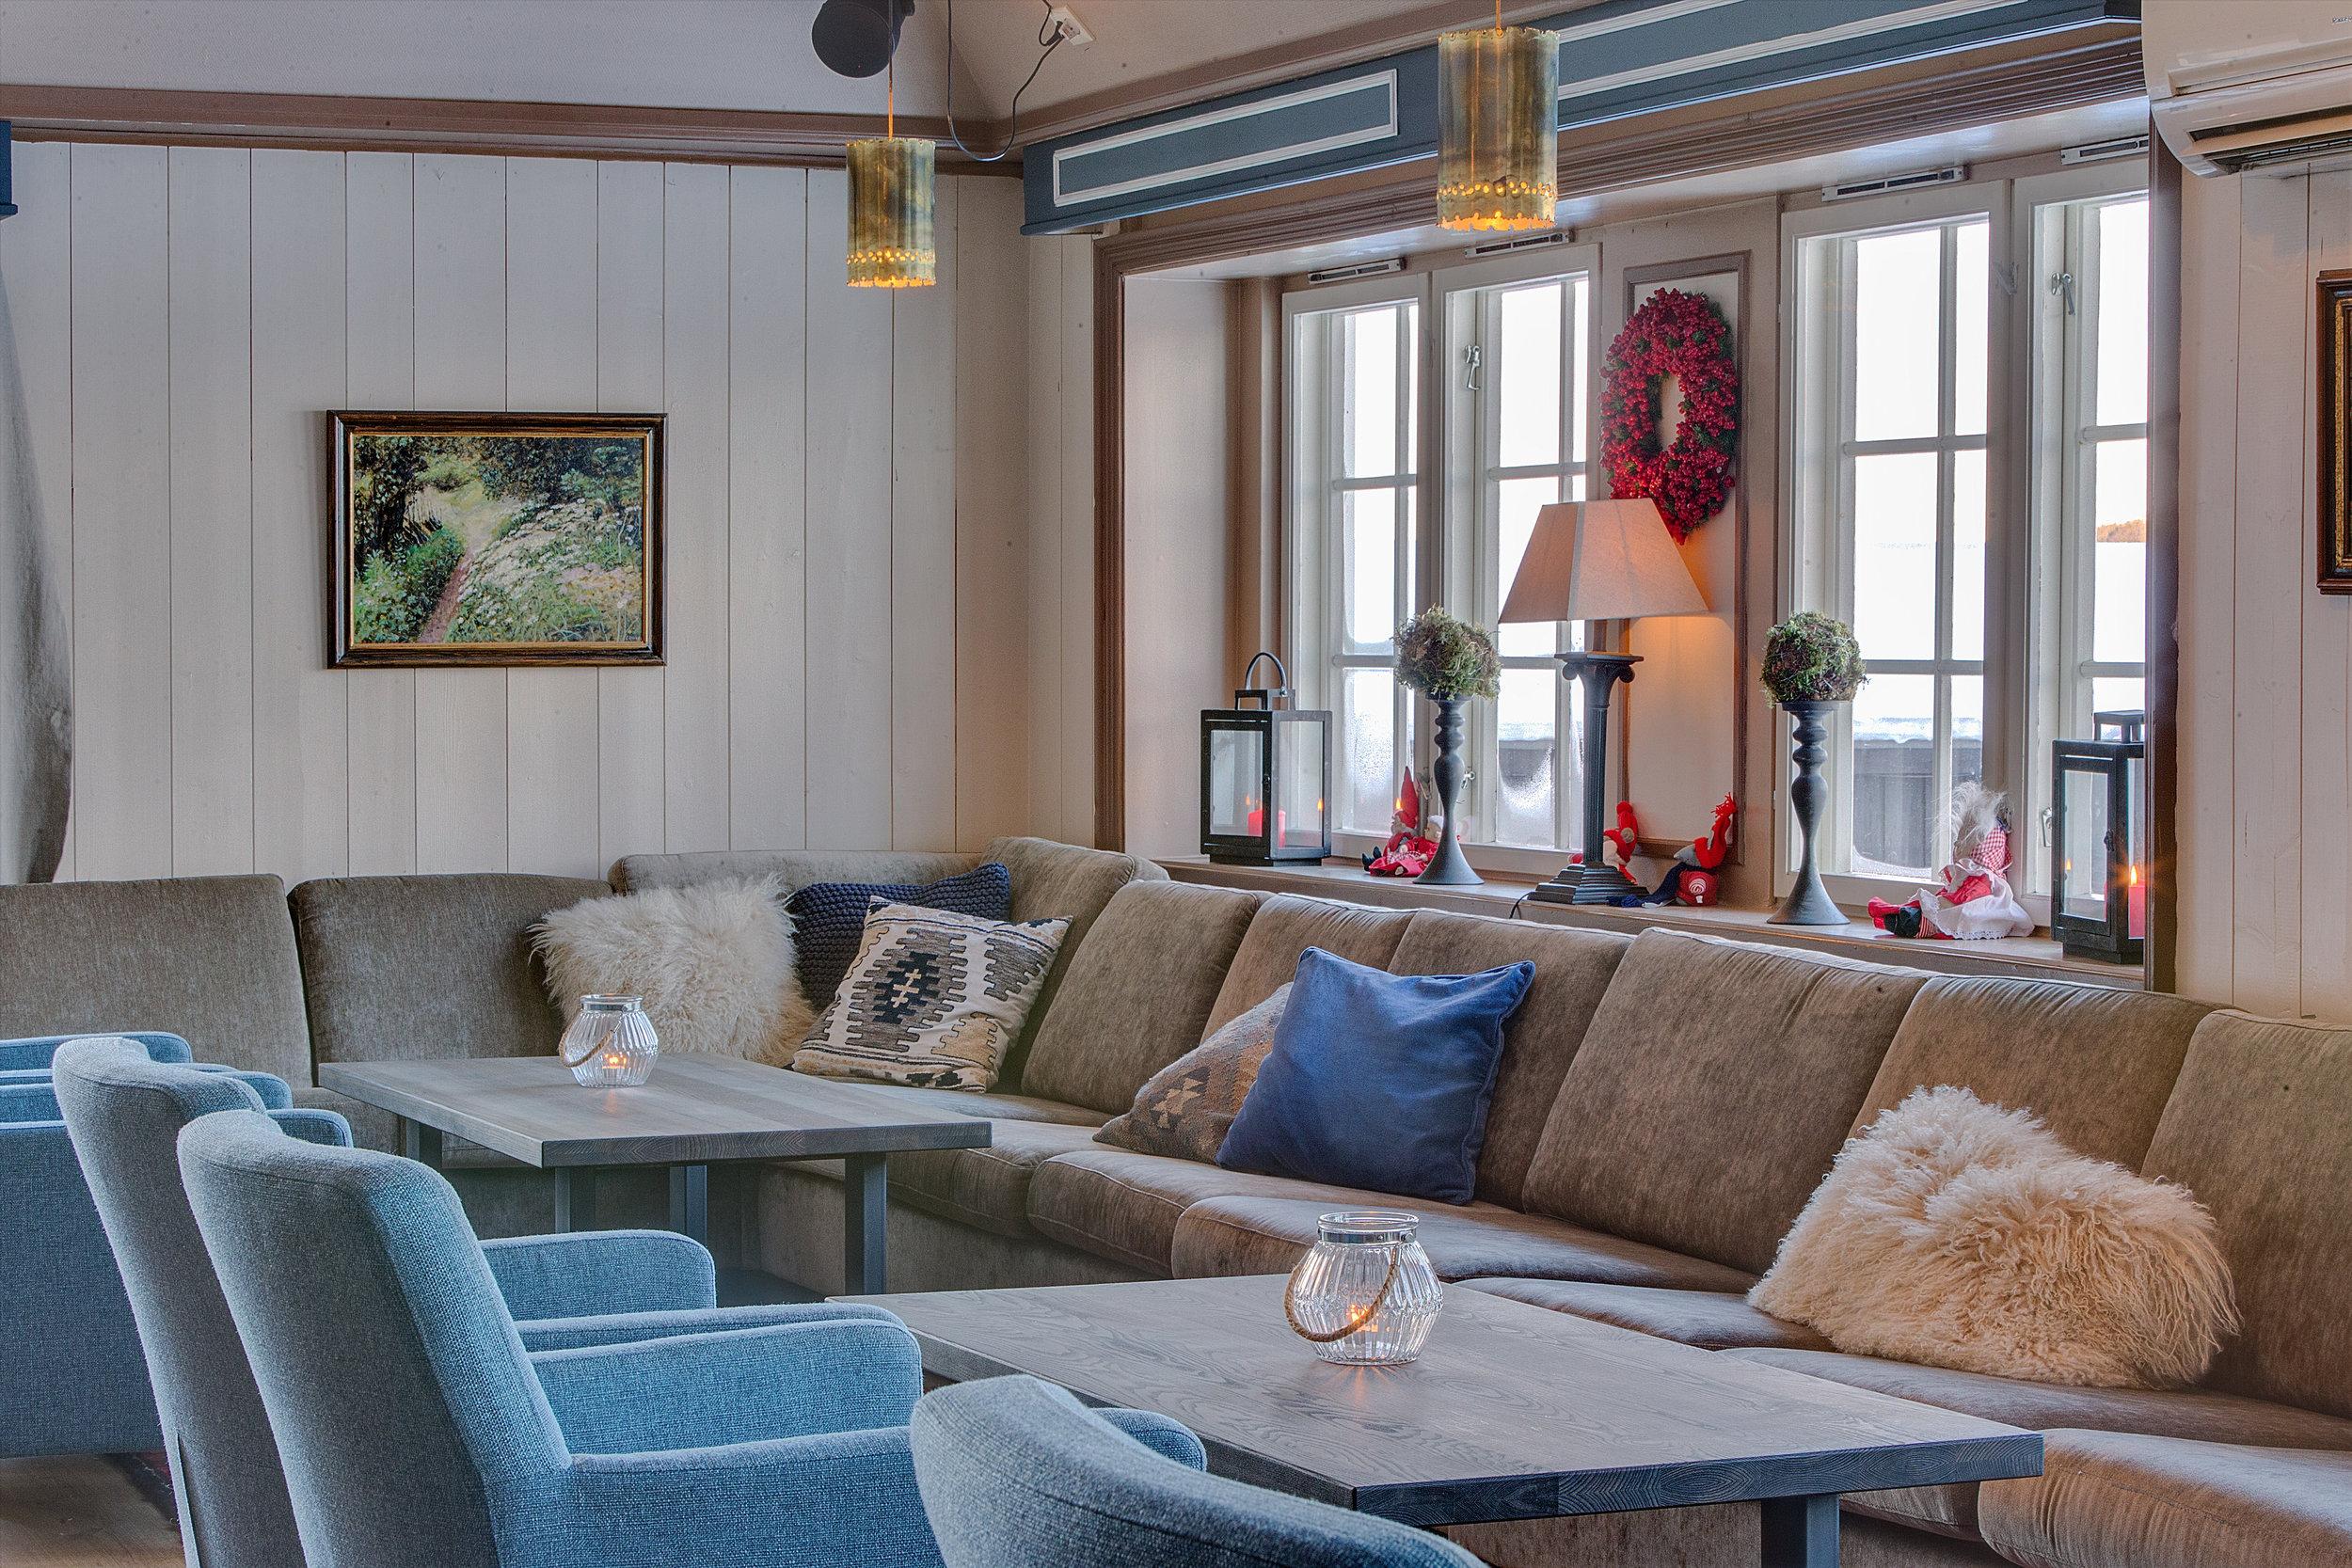 Restauranten - For større selskap anbefaler vi Restauranten i Fjellstua. Her er det fin utsikt mot fjellheimen, projektor, musikkanlegg og kort vei til toalett, salongen (t.v) og resepsjonen.I Restauranten kan man sette sammen bordene etter ønske, og det er plass til 10 - 150 personer til bords.